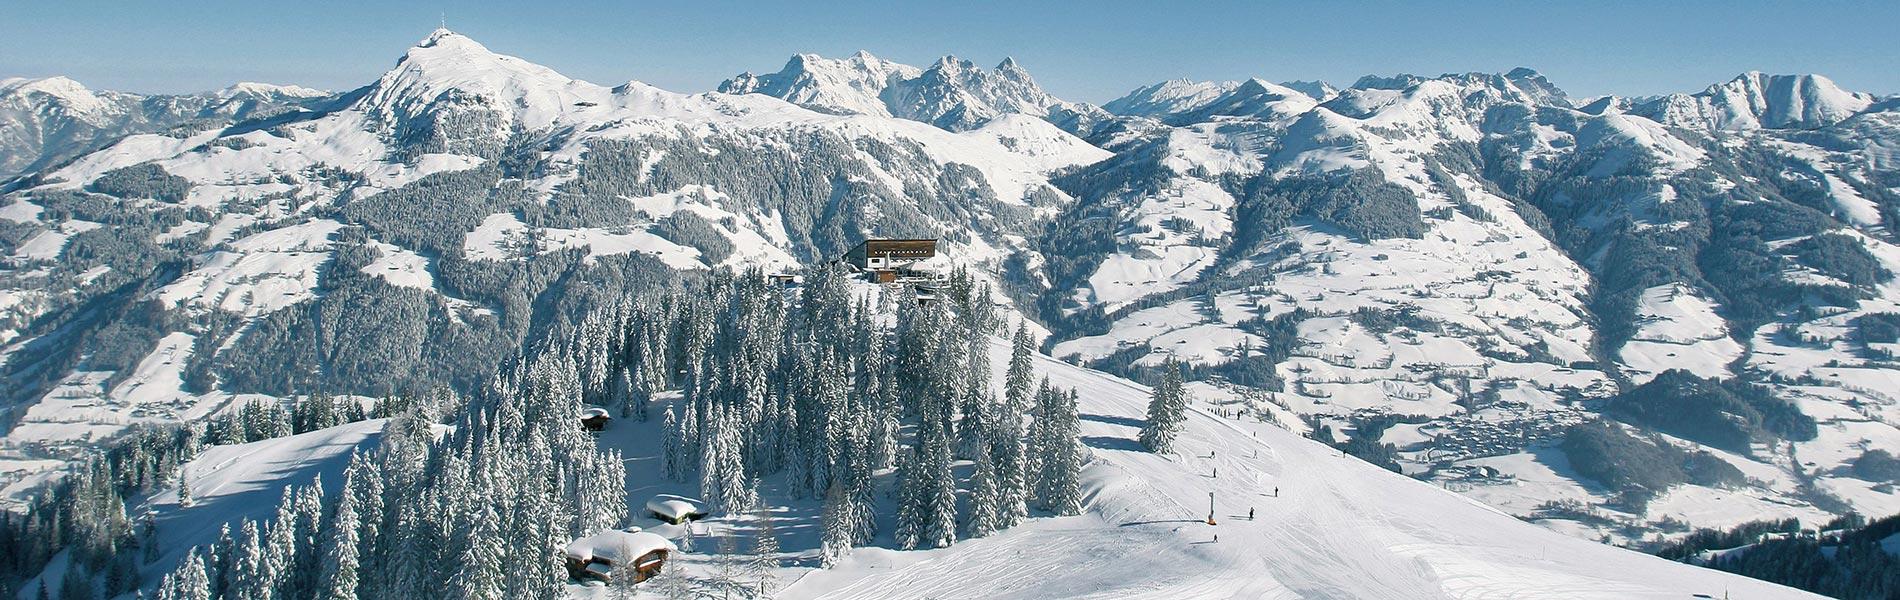 Schneebericht Hotel Rosengarten 5 Sterne Hotel Relais & Châteaux Hotel Kirchberg Tirol Austria